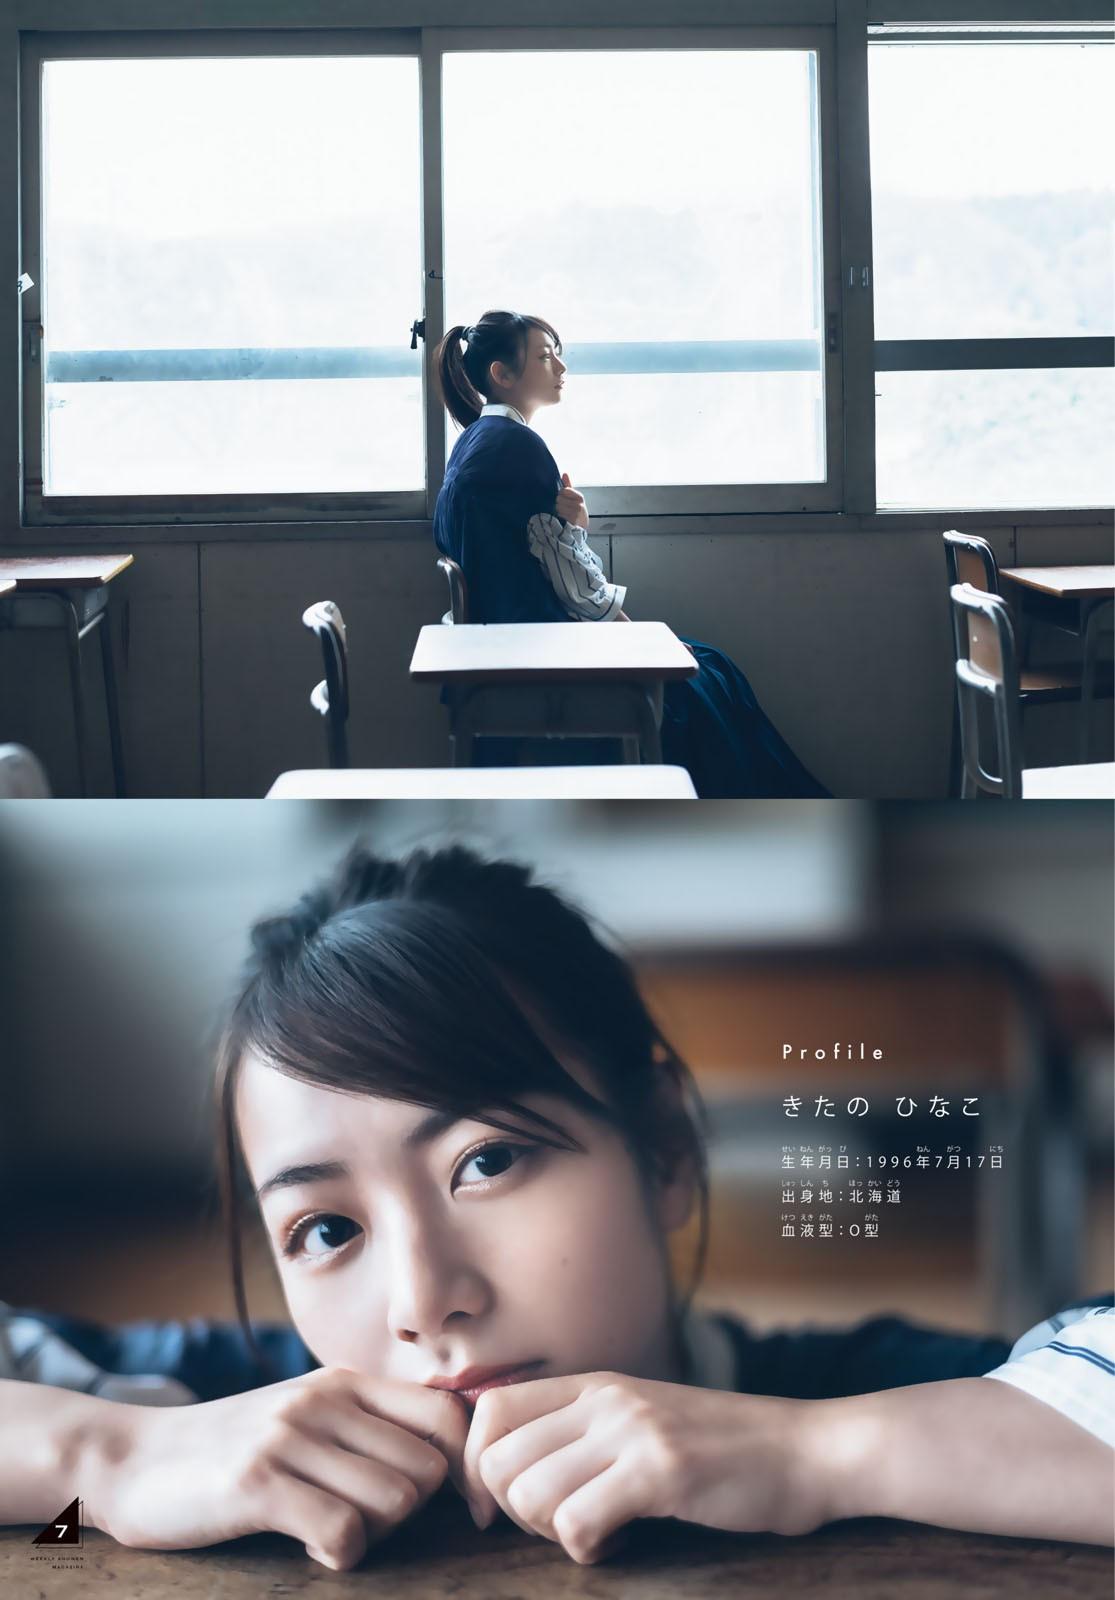 [Weekly Shonen Magazine] 2021 No.17 Hinako Kitano 北野日奈子 009